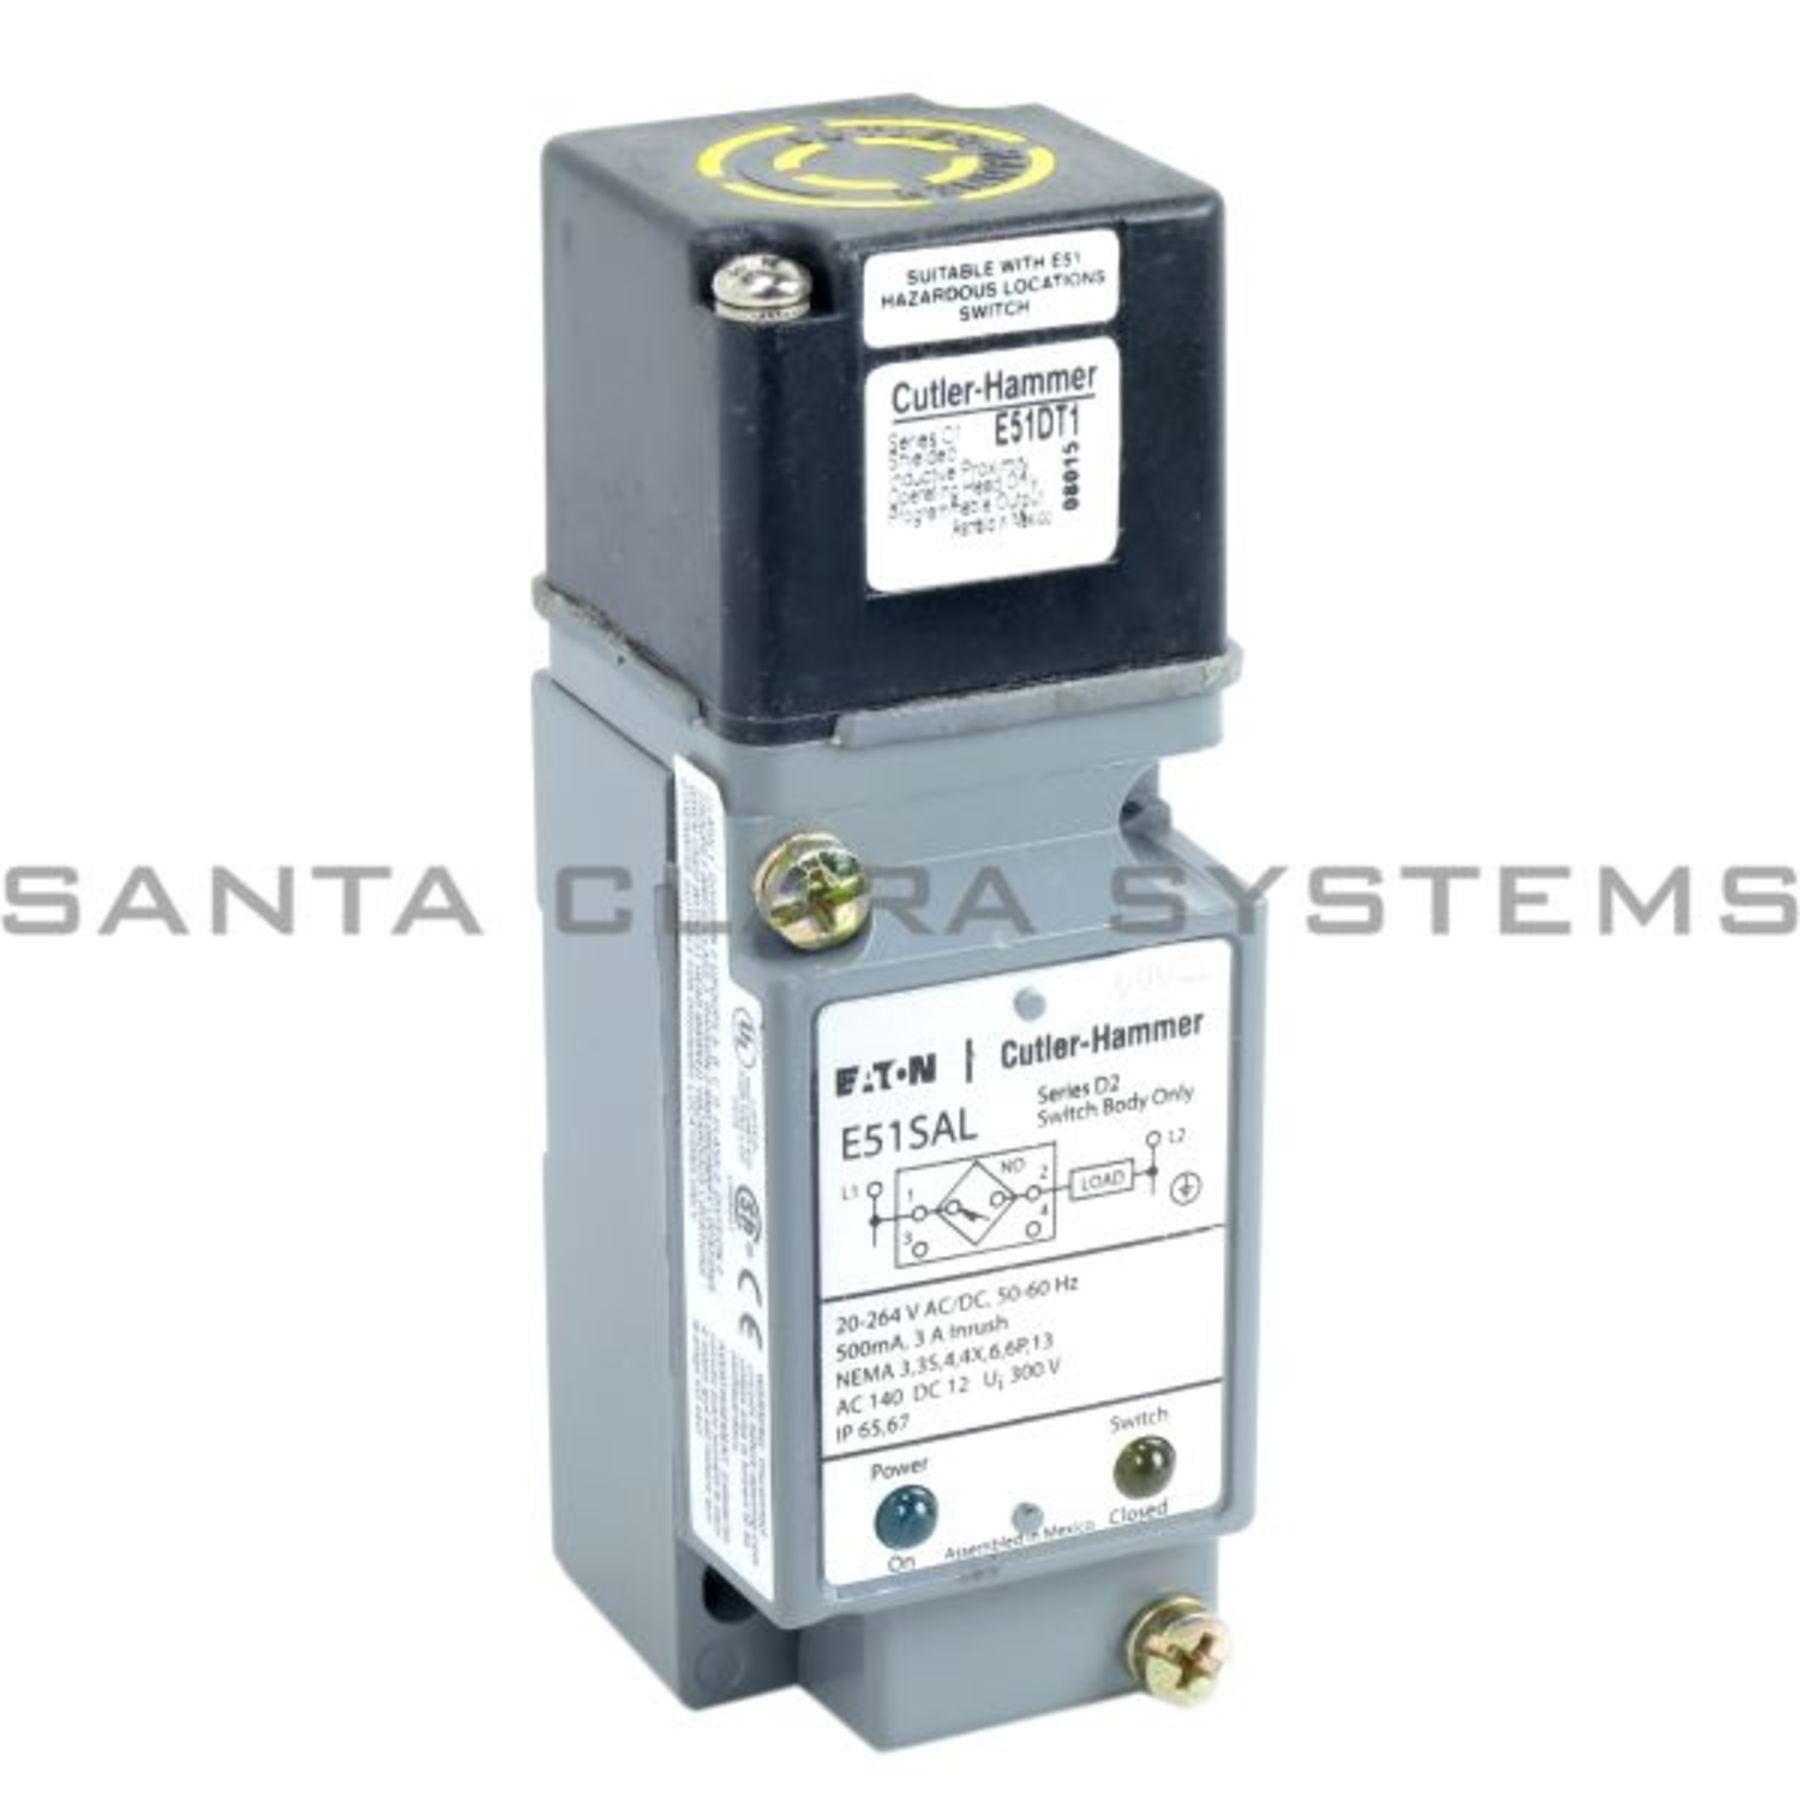 Cutler-Hammer Proximity Sensor E51ALT1 In-Stock. Ships Today - Santa ...